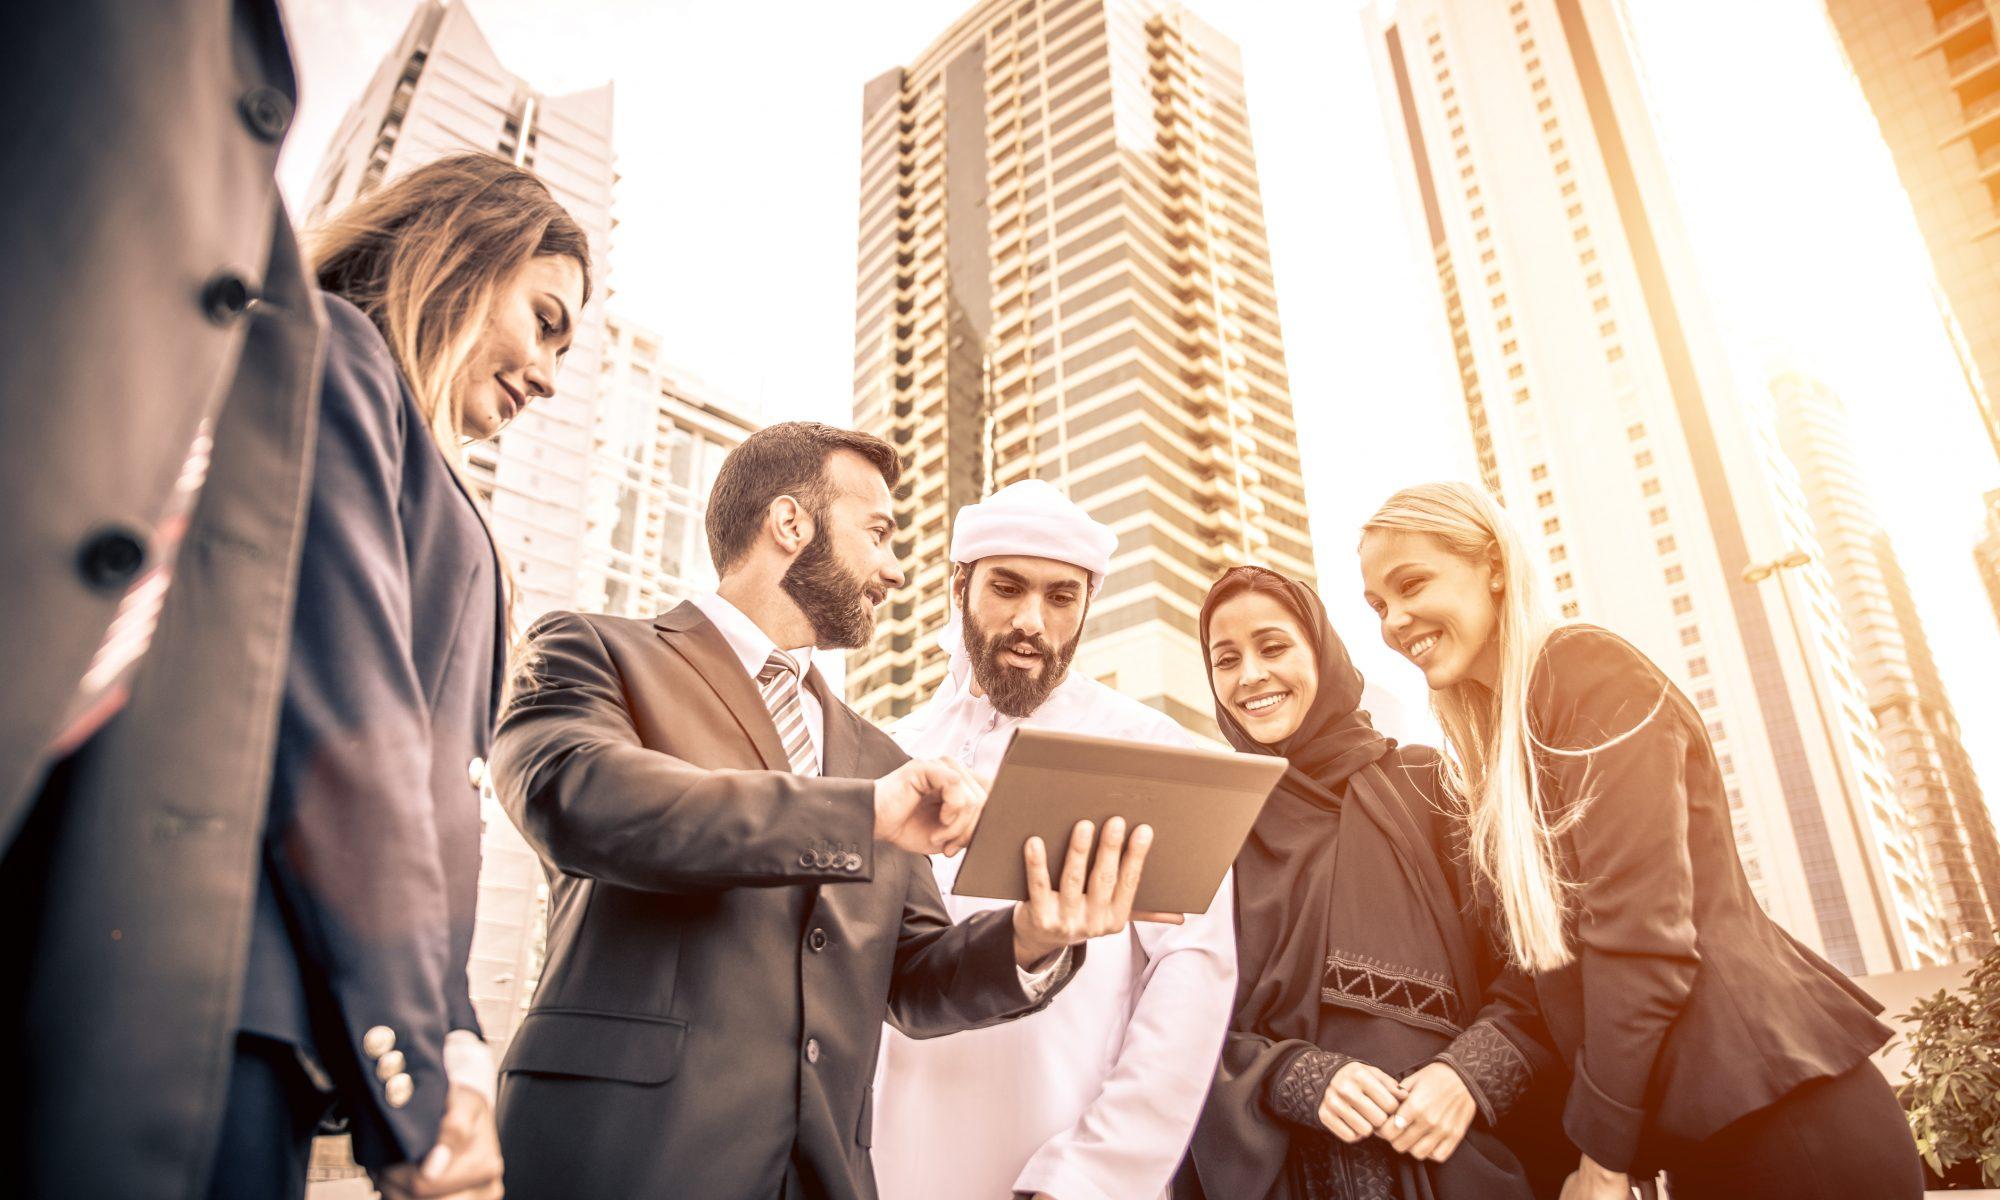 Dubai ihracat danışmanlığı - Dubai ticaret danışmanlığı